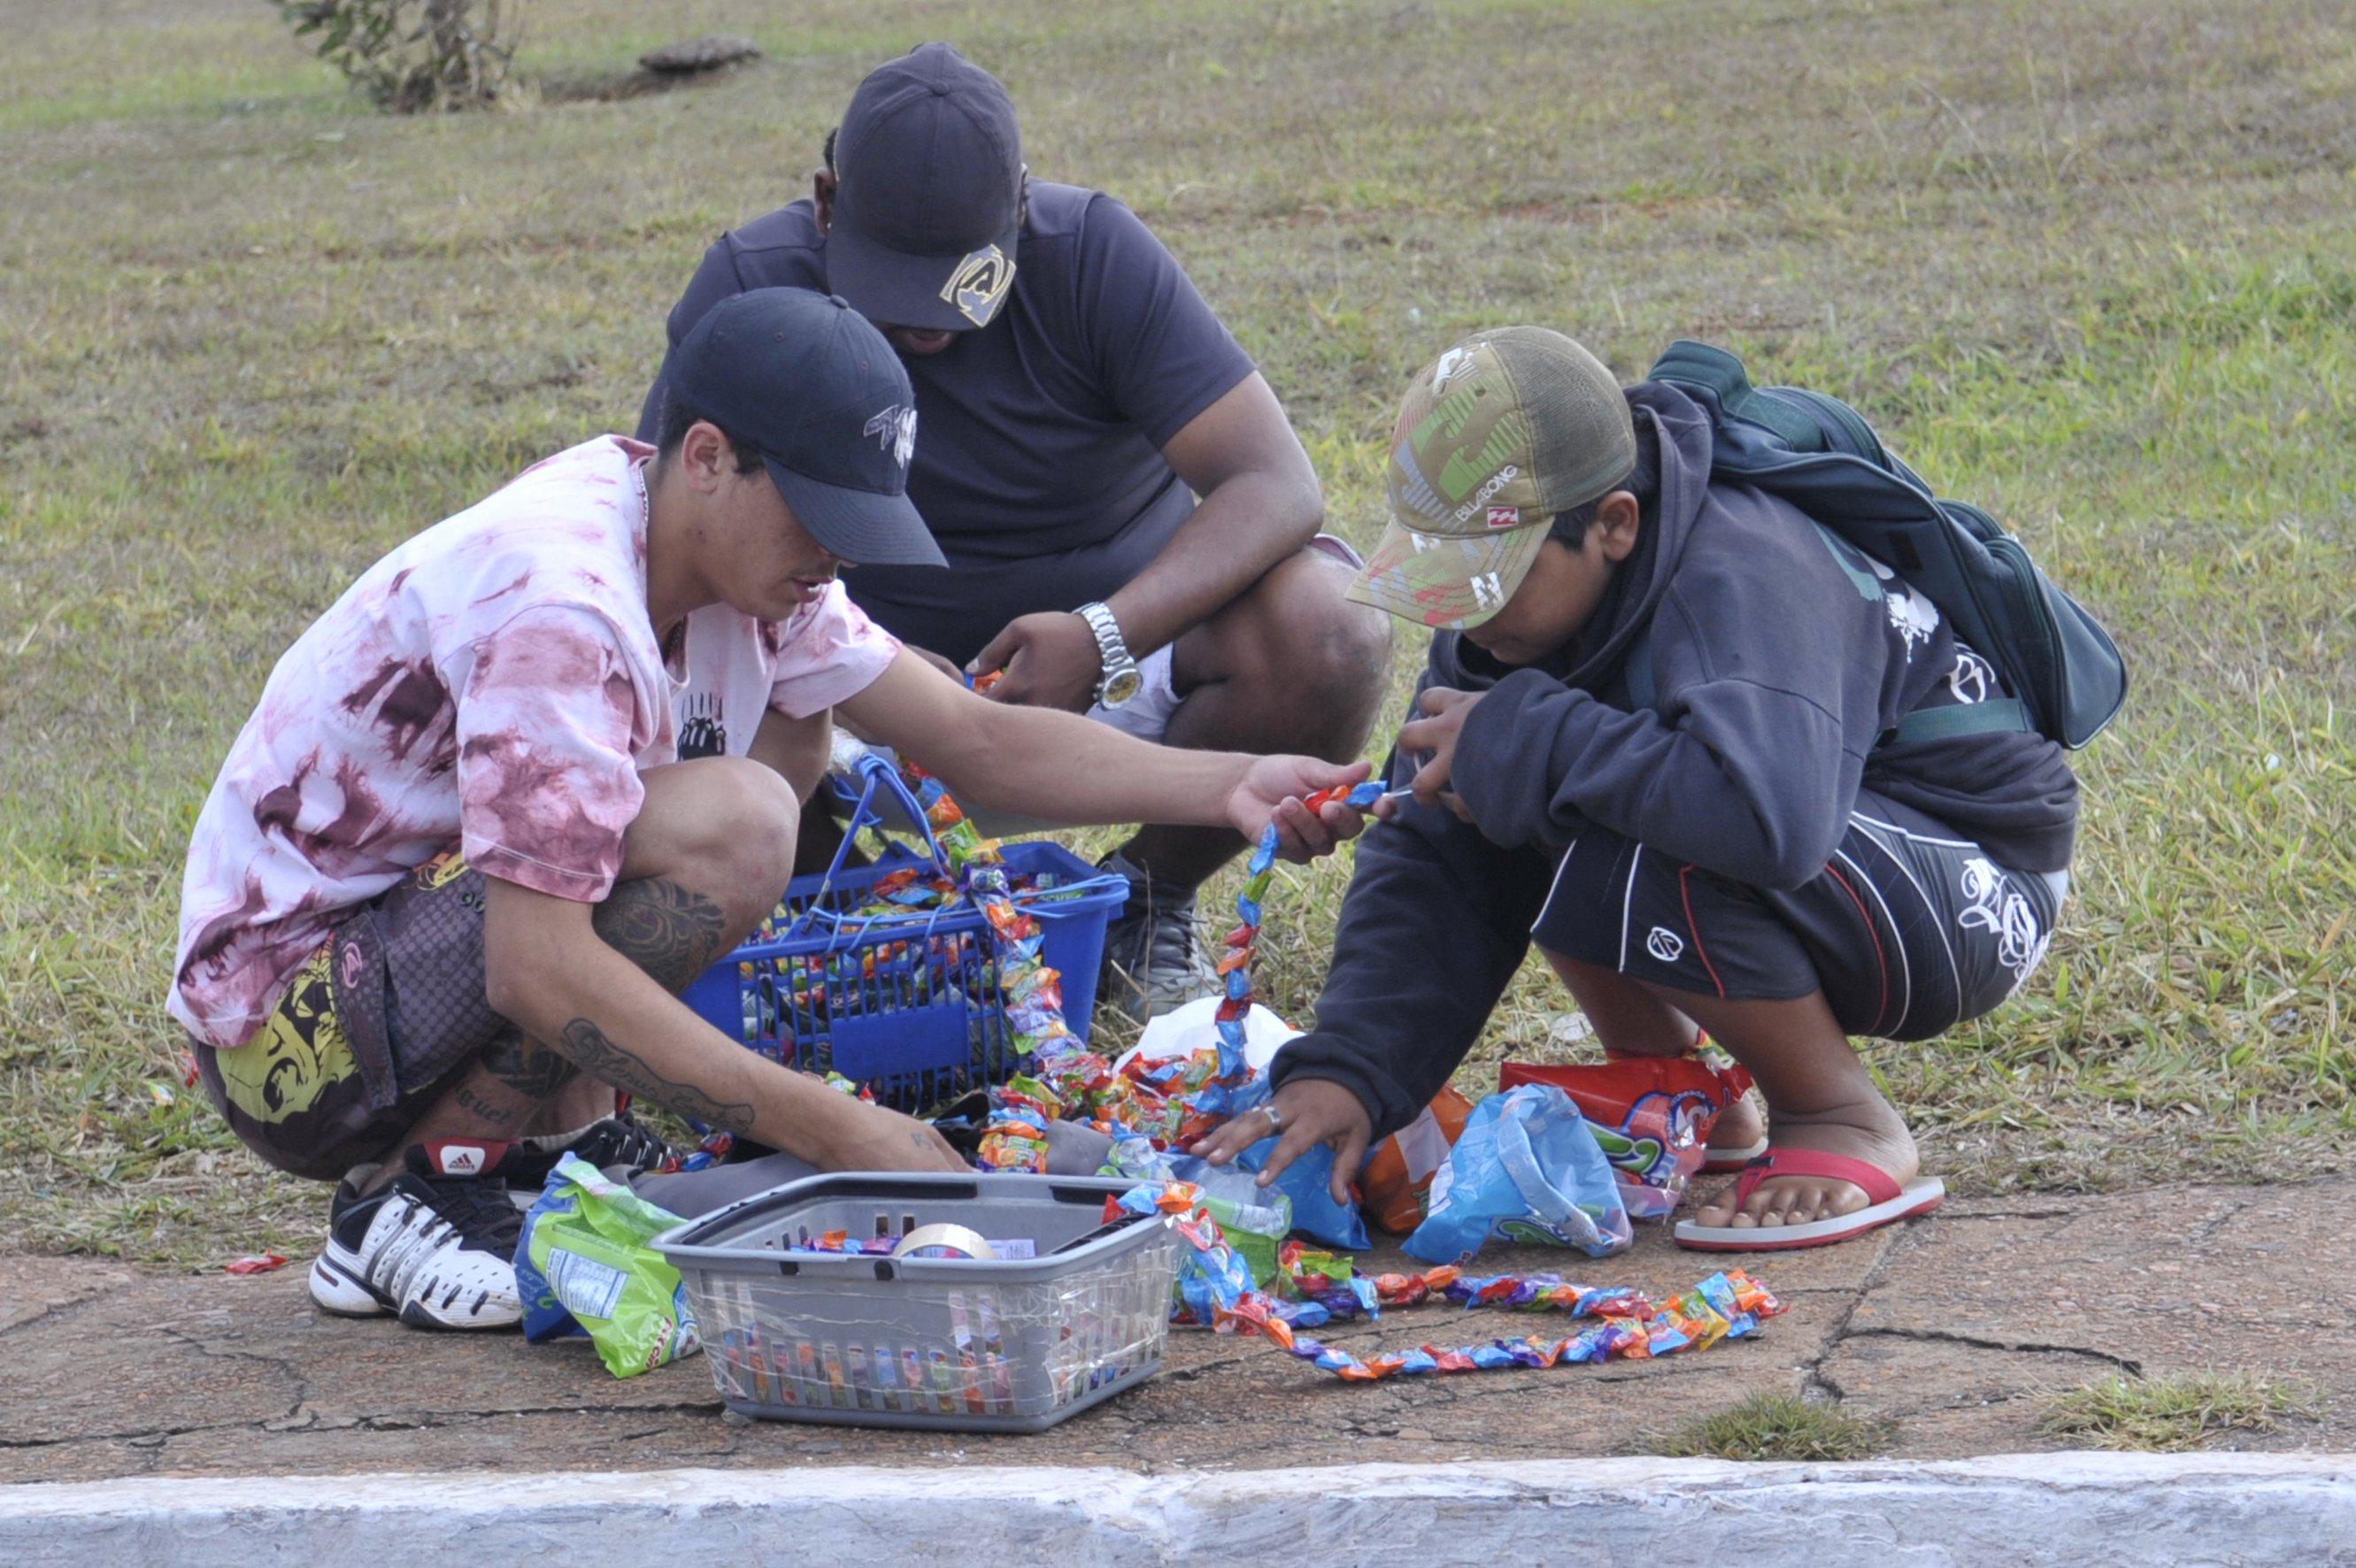 Nos grandes centros, como Brasília, é comum ver crianças trabalhando como vendedores de balas nos faróis (Foto: Renato Araújo/ABr)